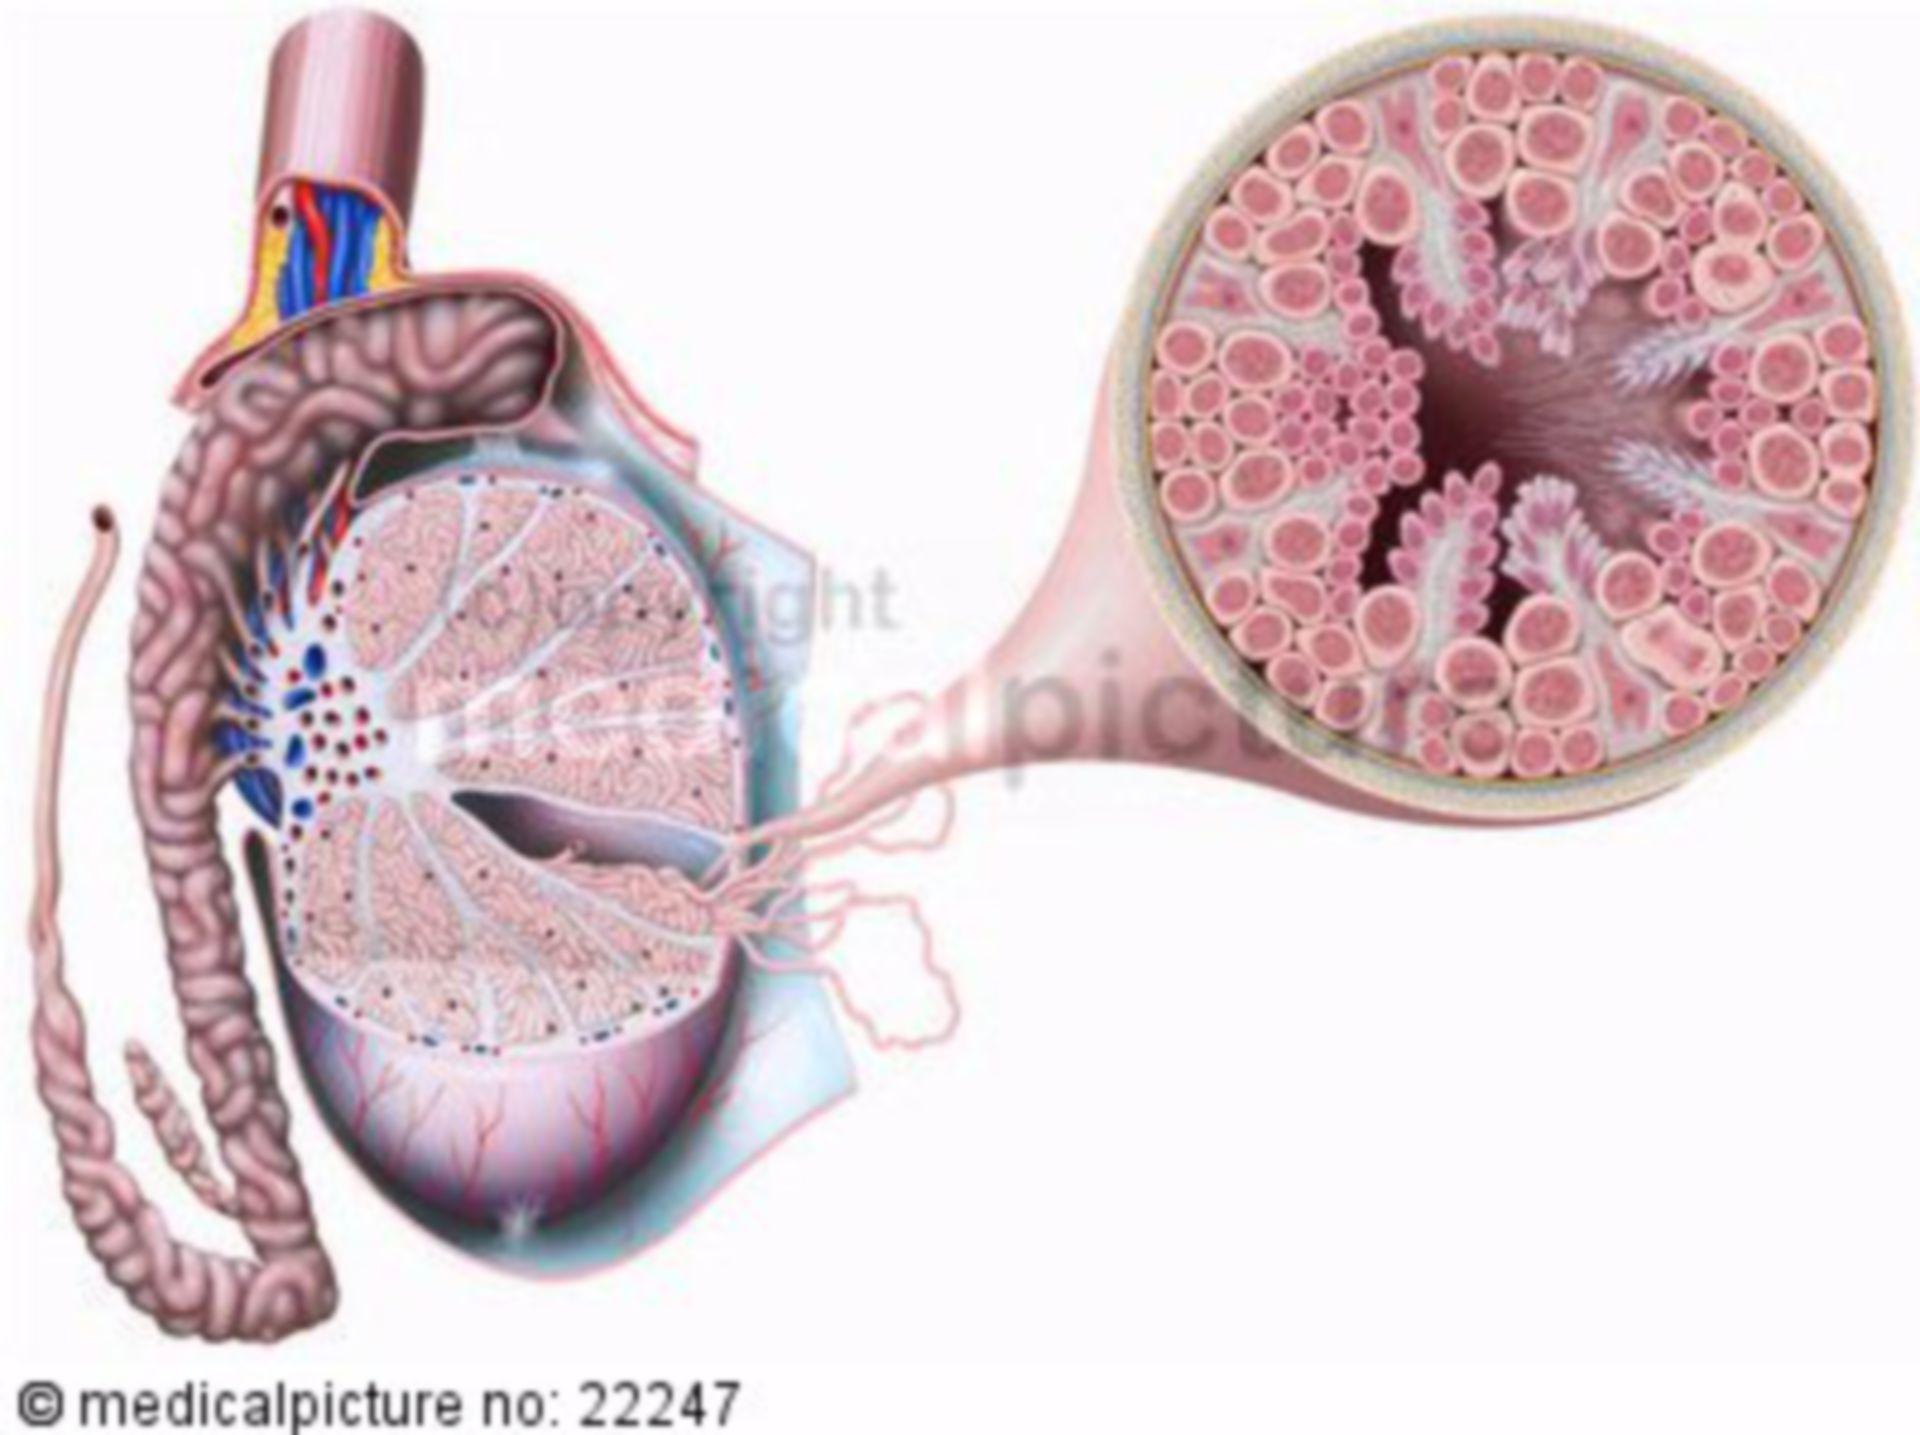 Testicle and seminiferous tubules